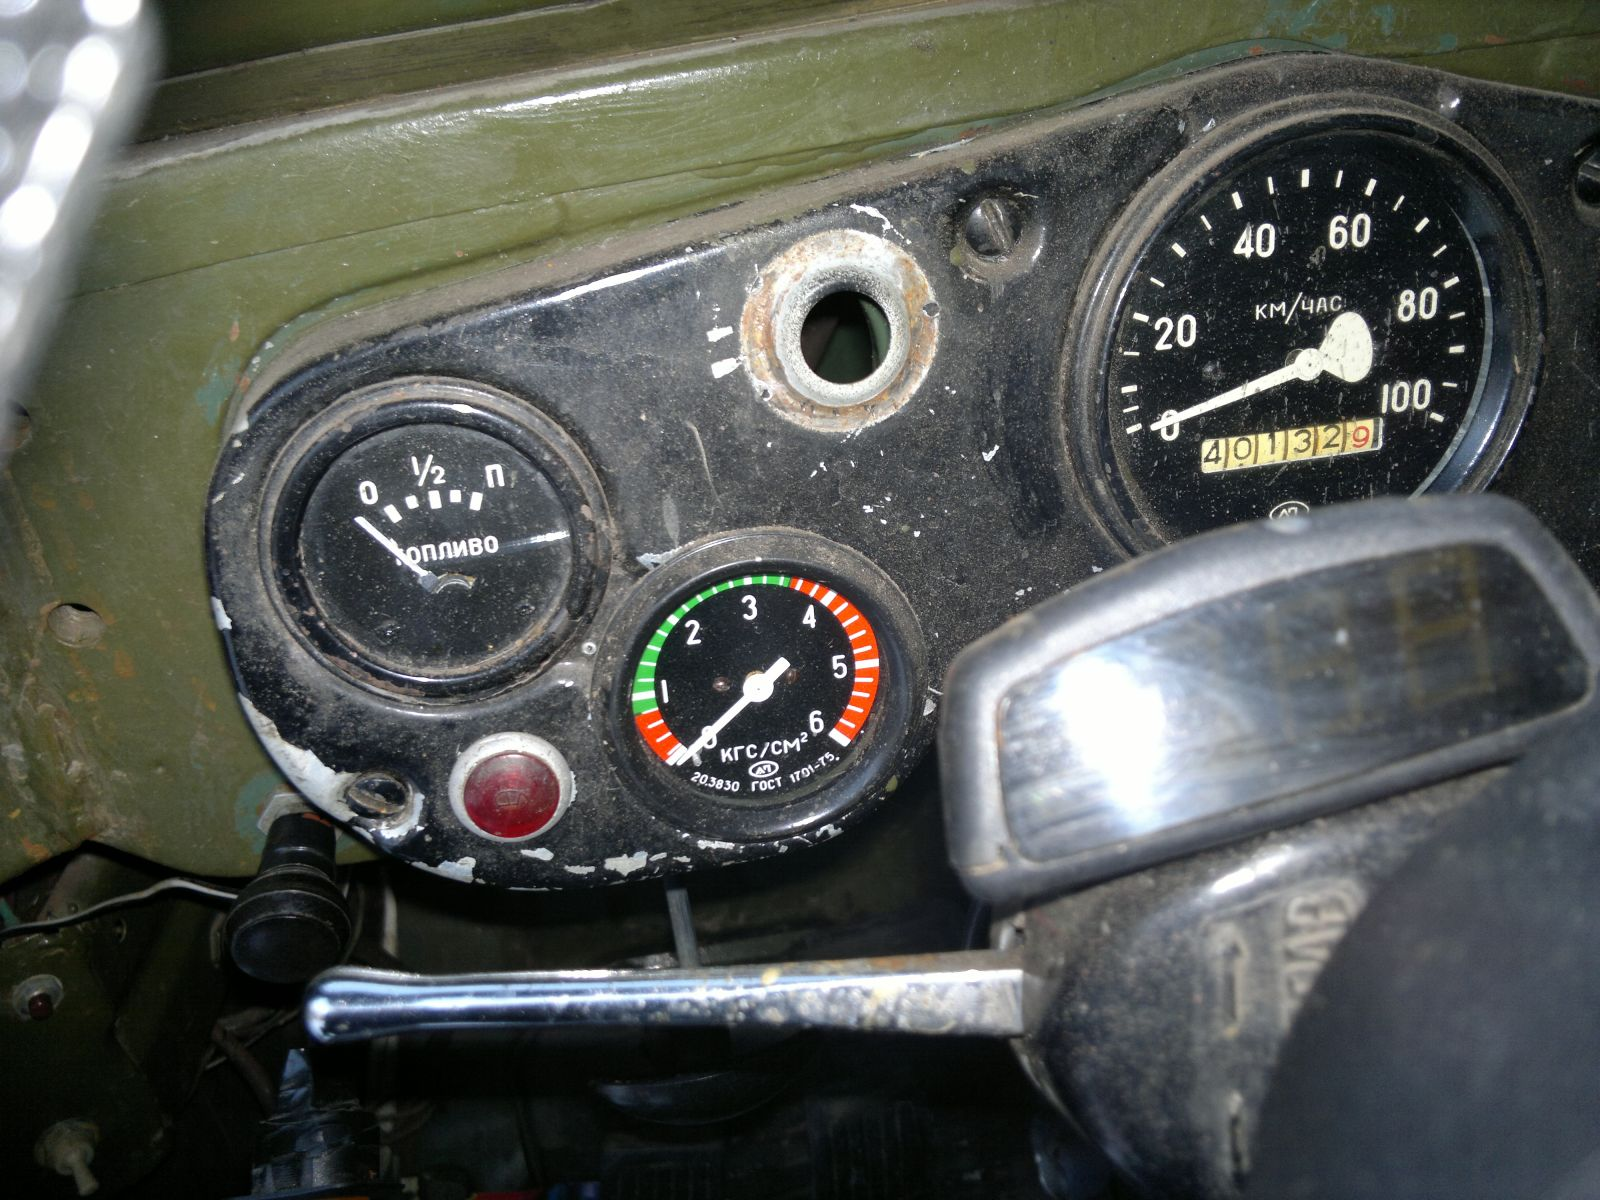 Приборы контроля давления масла (механический), уровня топлива и бортовой компьютер